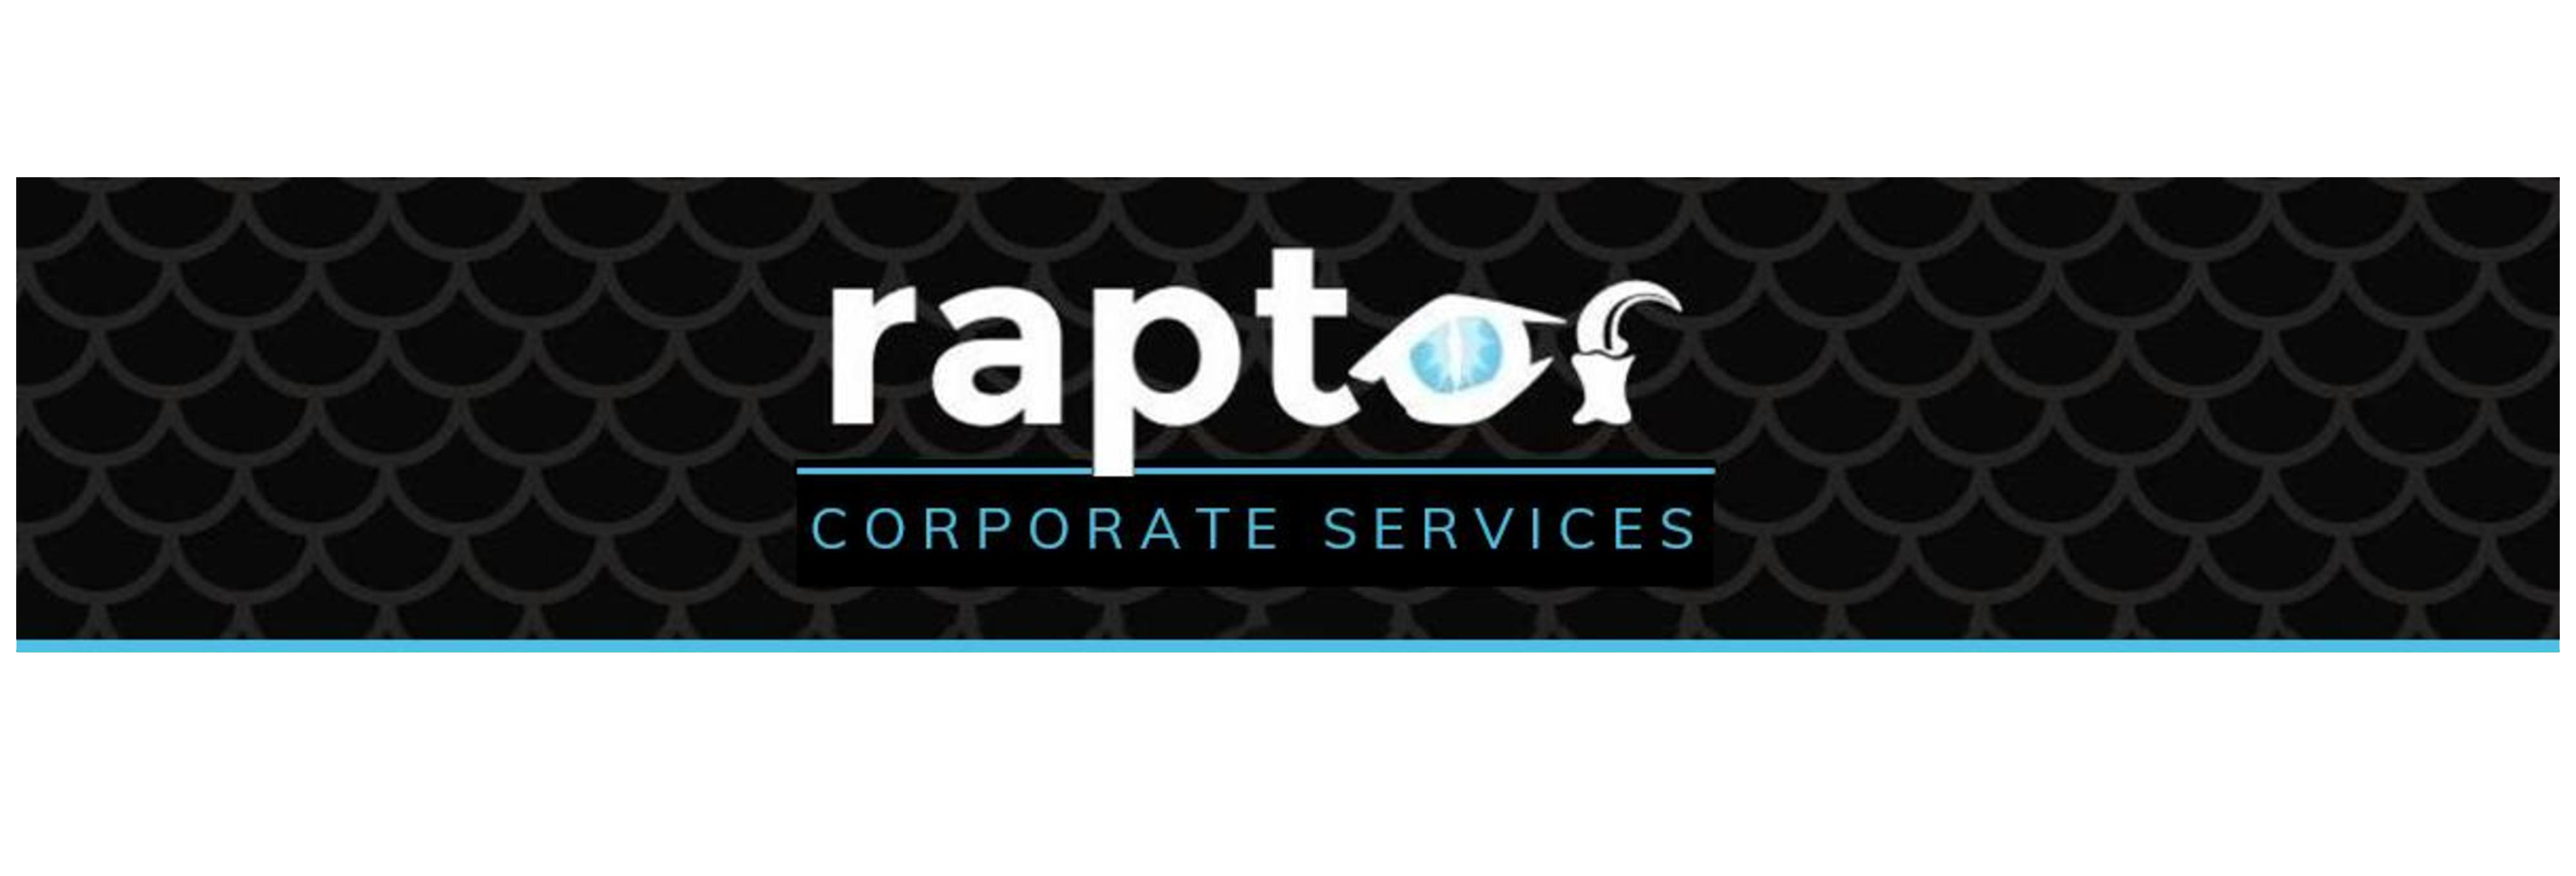 Raptor Corporate